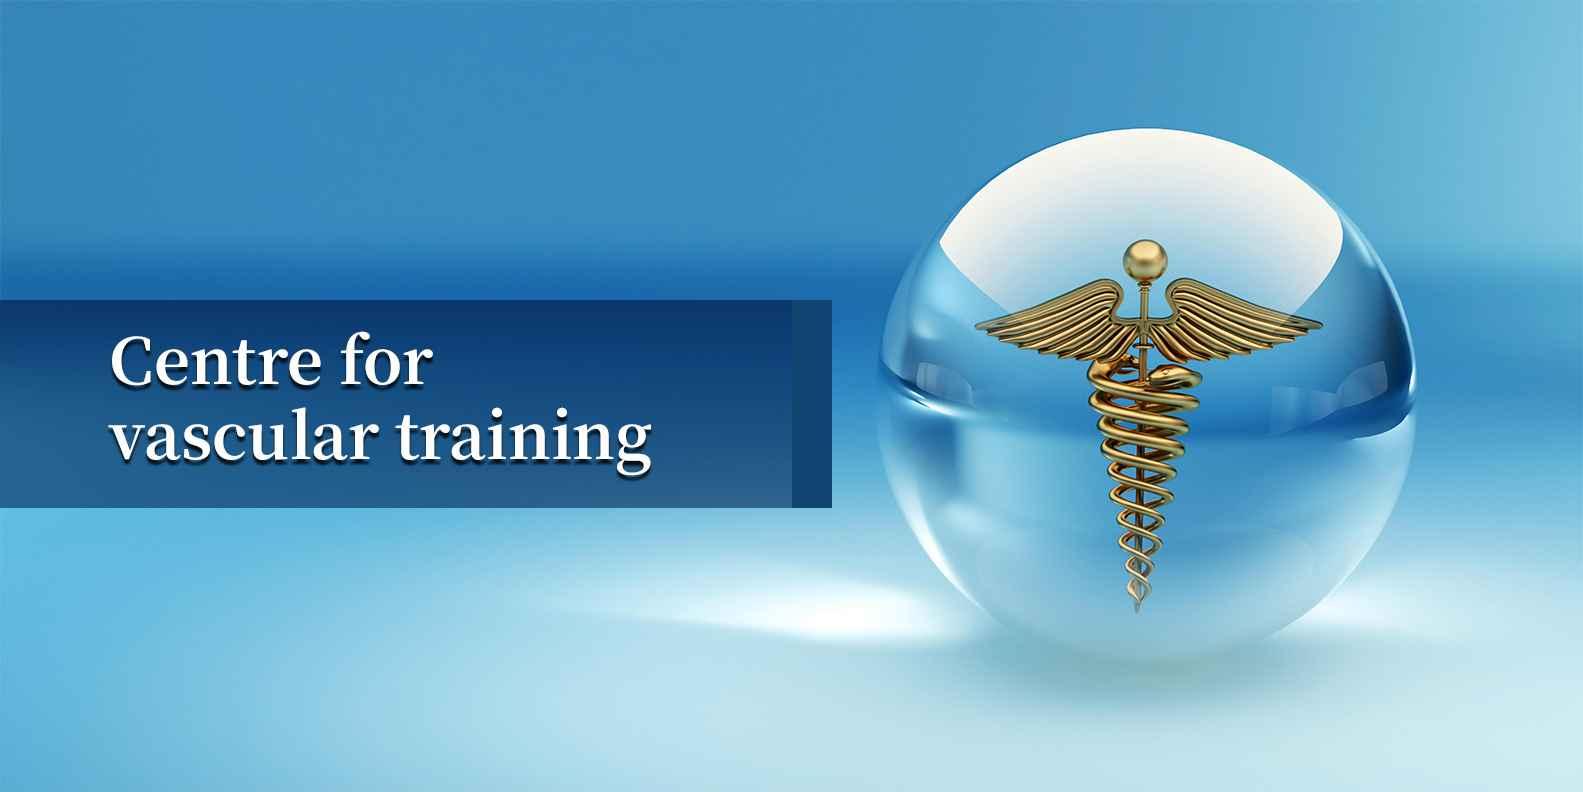 Centre For Vascular Training